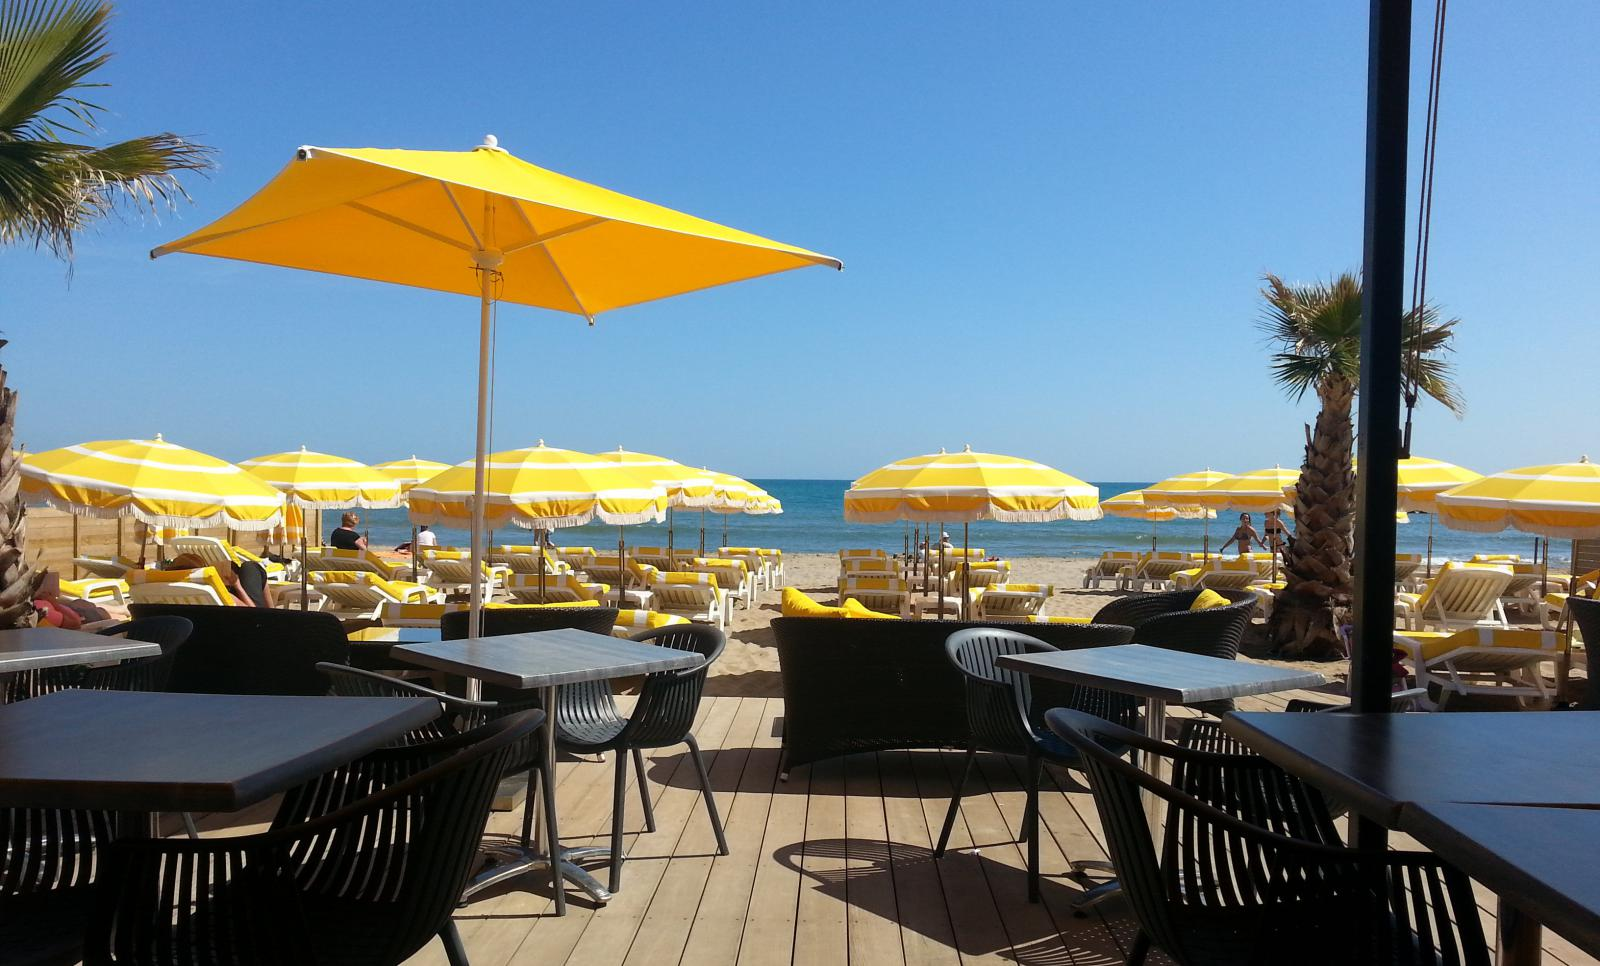 Oasis plage plage priv e valras plage 34350 valras plage - Office de tourisme de valras plage ...